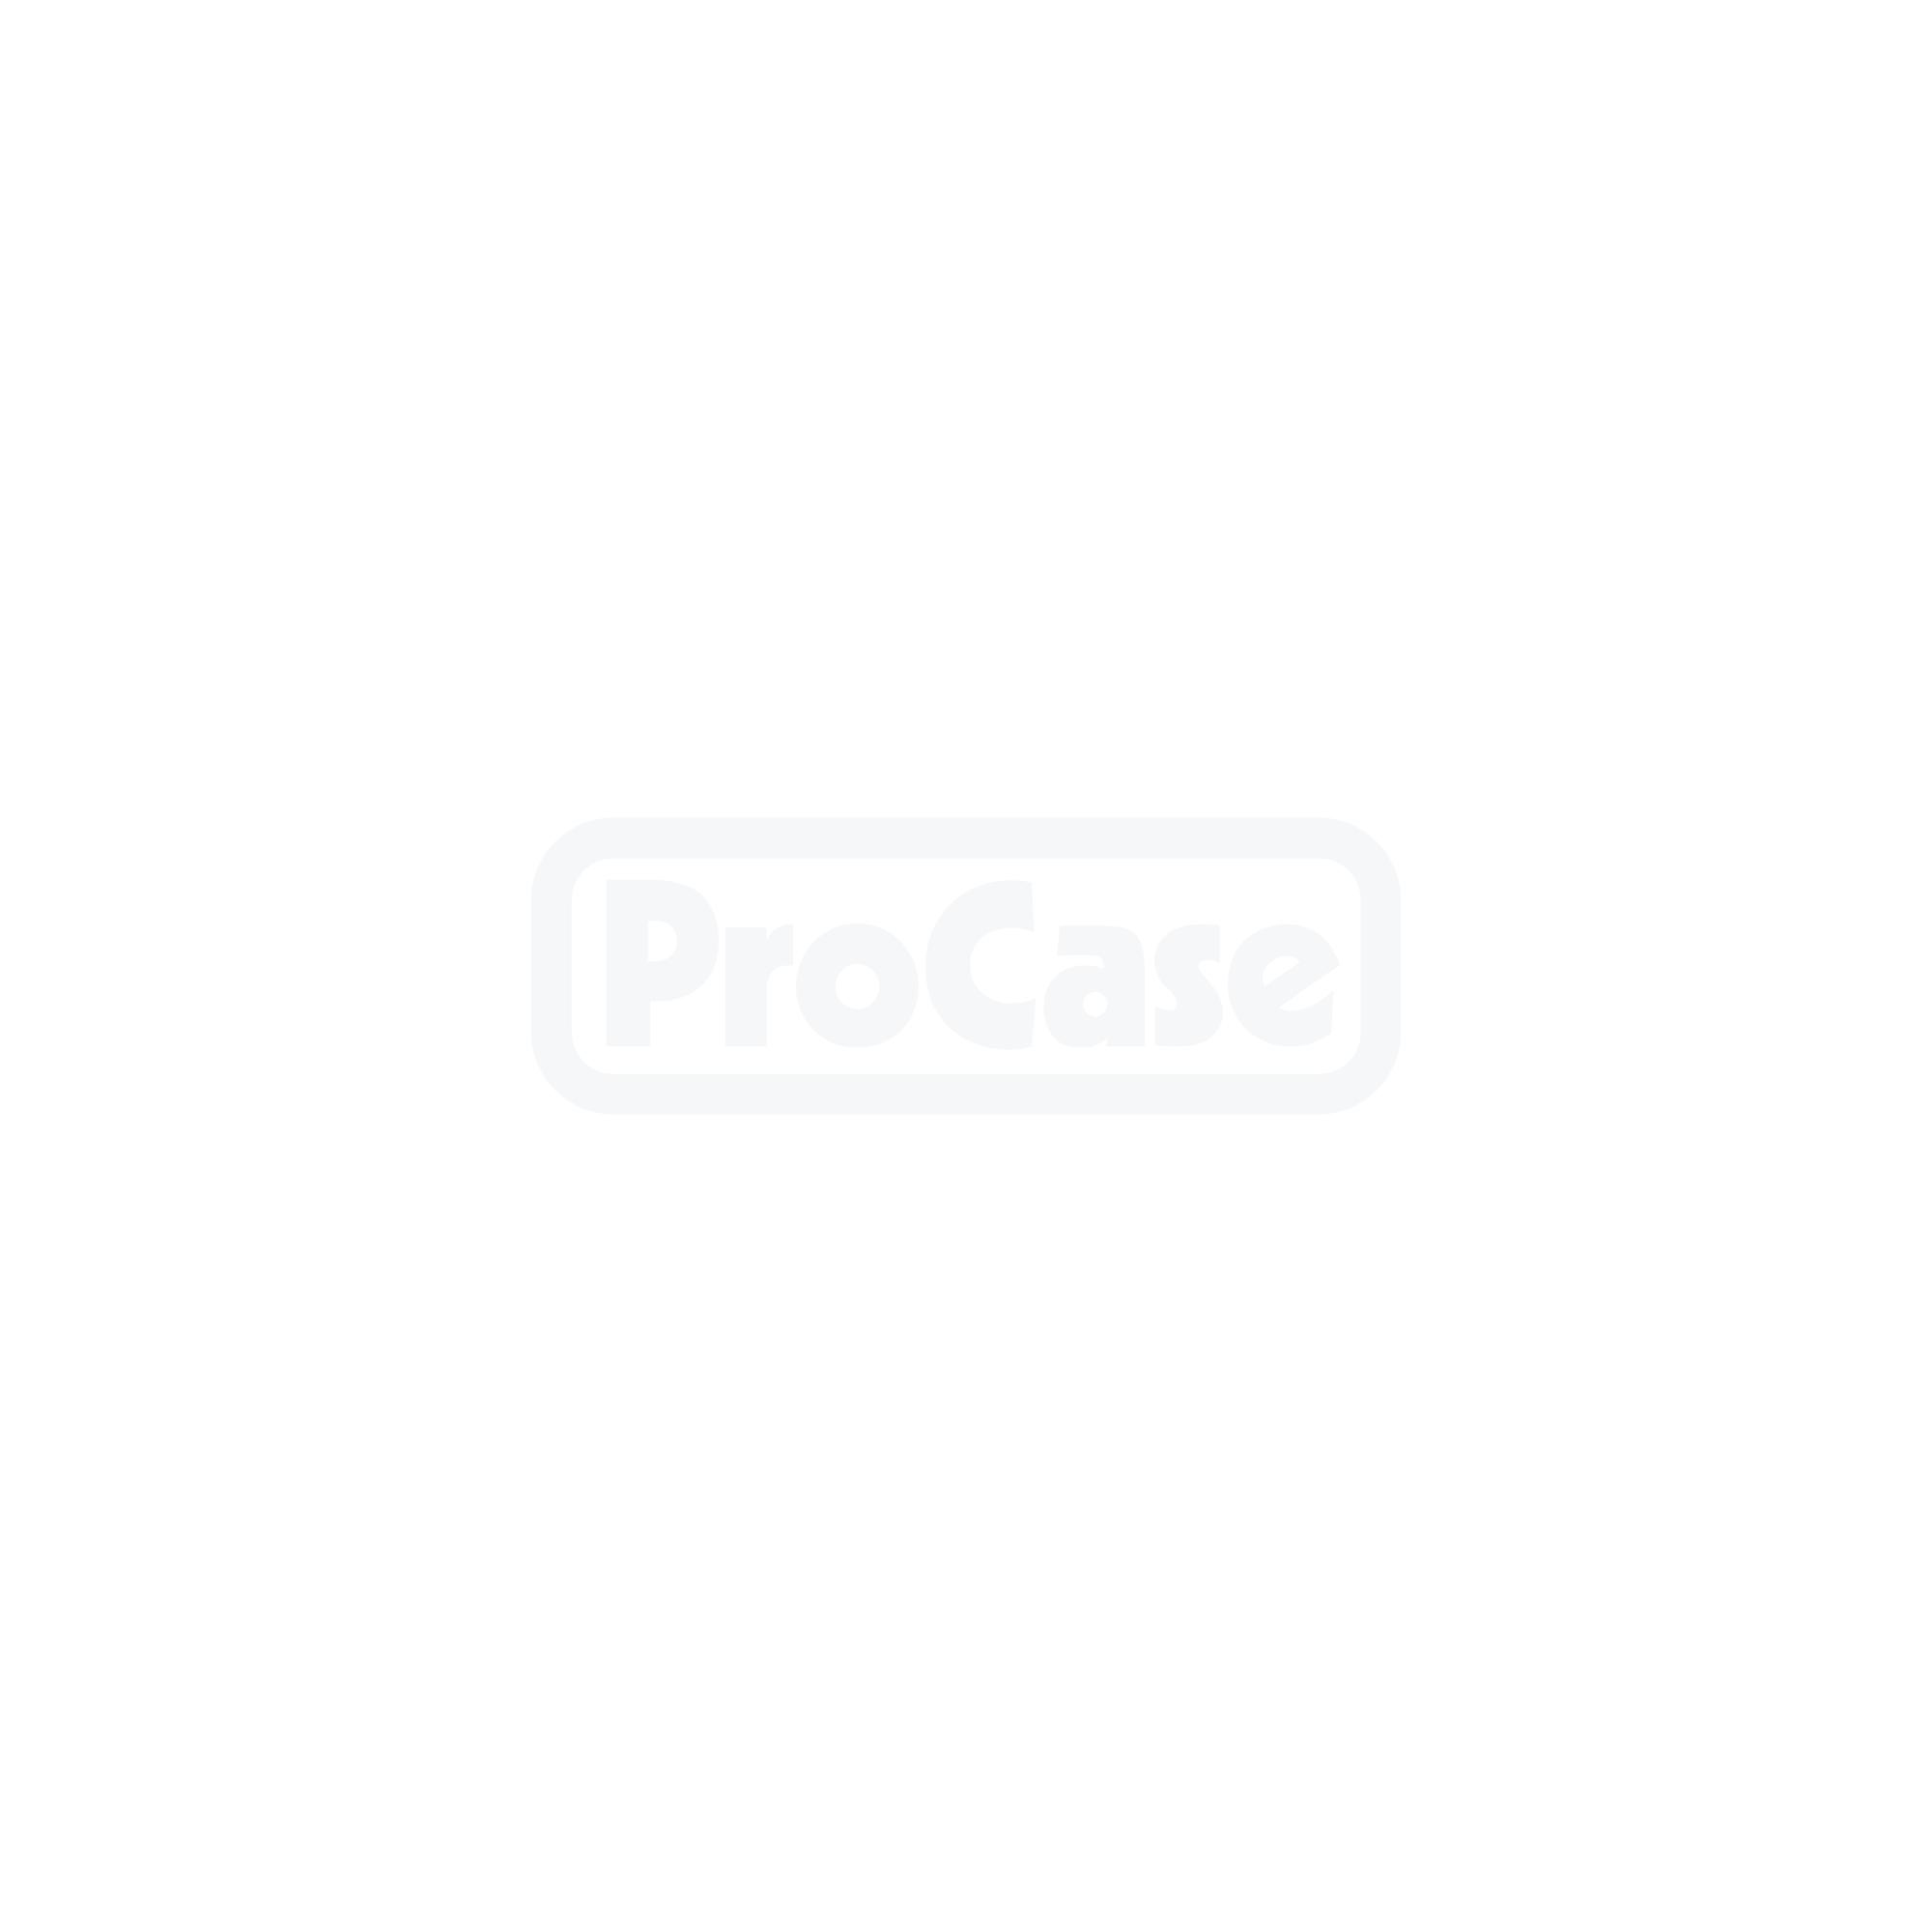 QSD-Rack 14HE 800 mm tief